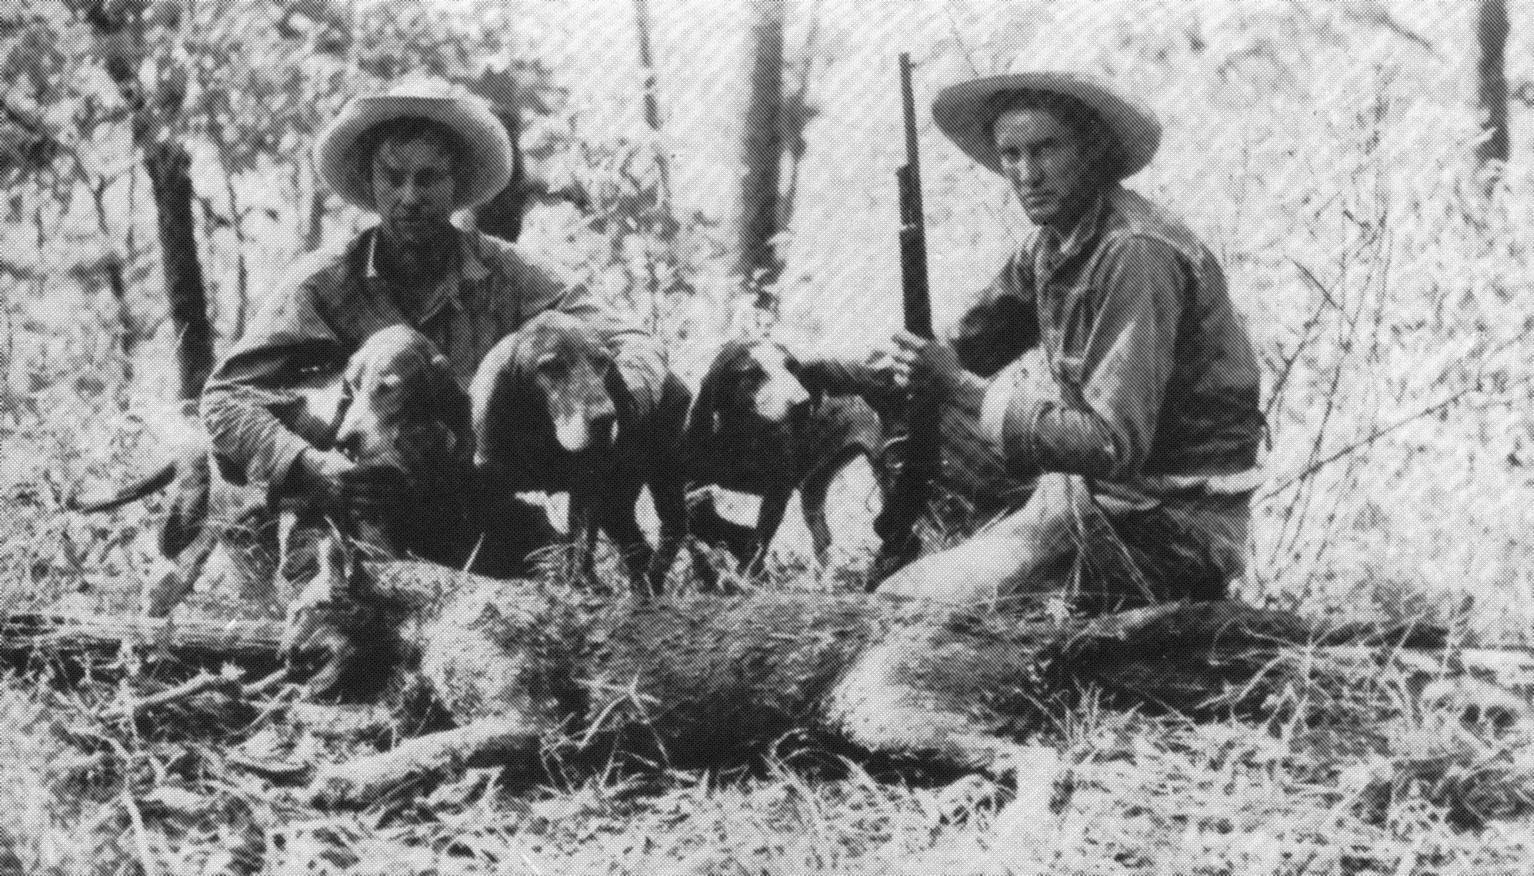 I fratelli Lee hanno mantenuto vivo, più di chiunque altro, il mito dell'onza in epoca moderna. In questa foto posano assieme all'esemplare ucciso nel 1938